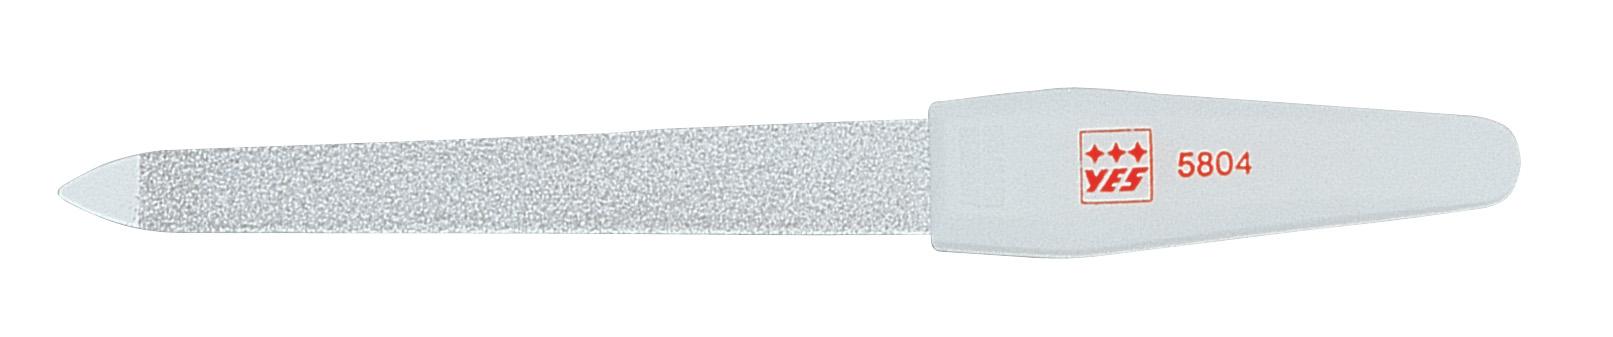 Becker-Manicure YES Пилочка 13см. 9580495804Пилочка для ногтей изготовлена из высокоуглеродистой стали. Пилочка имеет двухстороннее сапфировое напыление: более крупное с одной стороны для формирования формы и мелкое с другой для завершения шлифовки ногтя. Длина пилочки 13 см. В блистерной упаковке.Хранить в сухом недоступном для детей месте. Замена изделия не осуществляется в следующих случаях: - Использование не по назначению - Самостоятельный ремонт - Нарушение условий храненияКак ухаживать за ногтями: советы эксперта. Статья OZON Гид